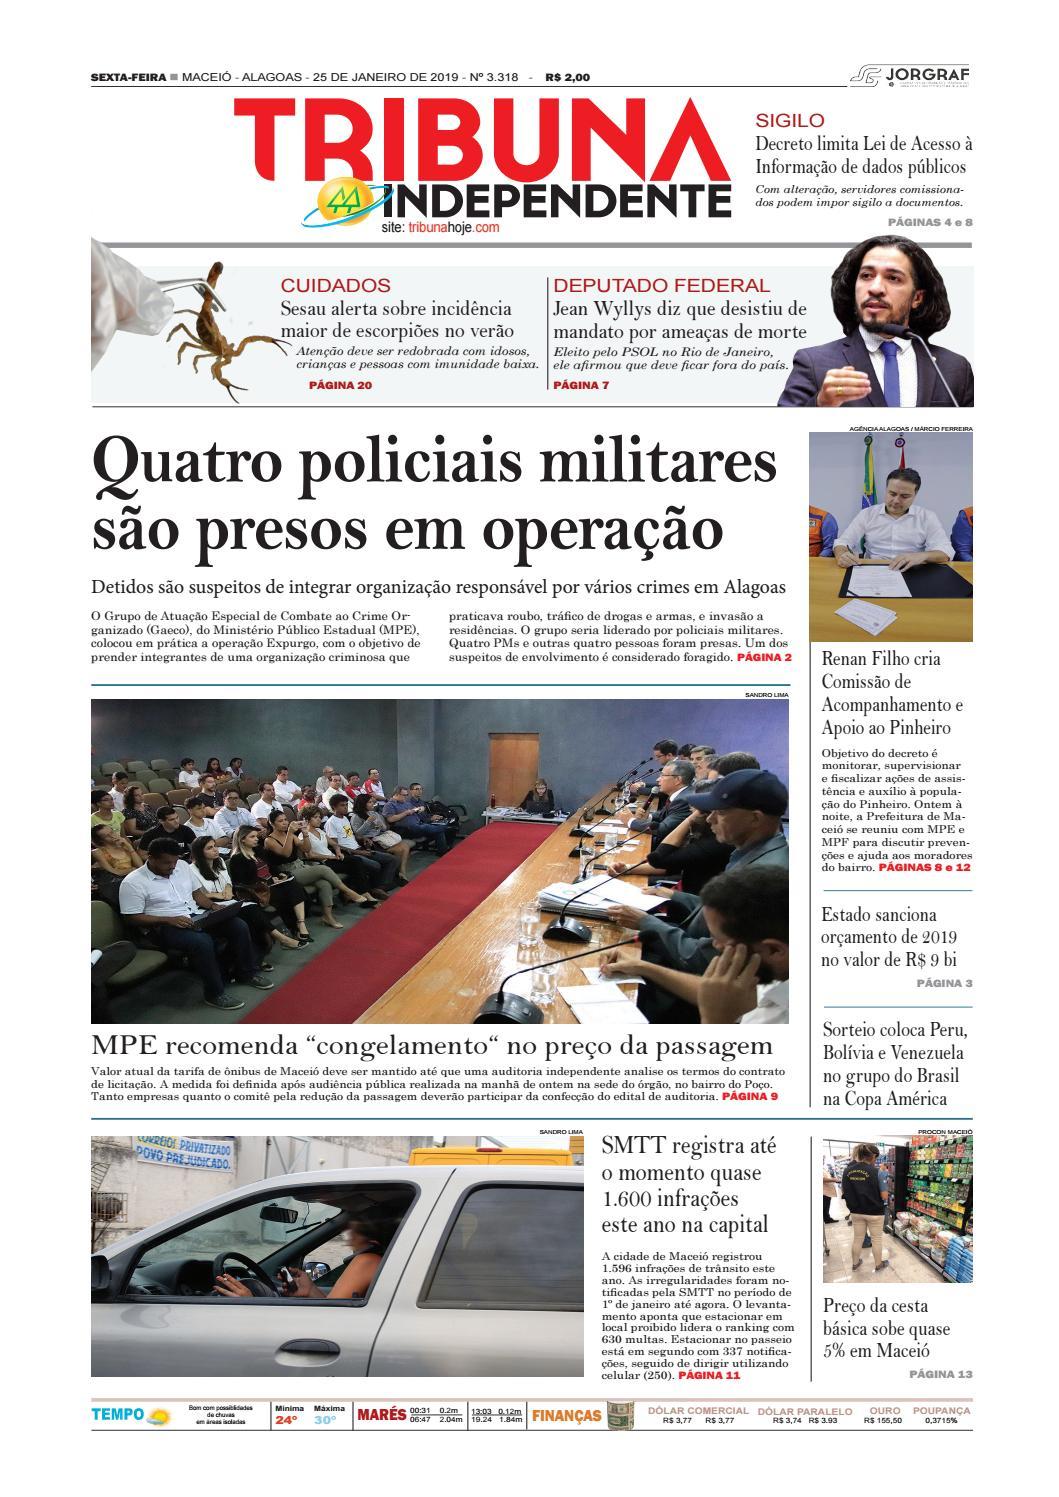 Edição número 3318 - 25 de janeiro de 2019 by Tribuna Hoje - issuu 1c5273ce5d